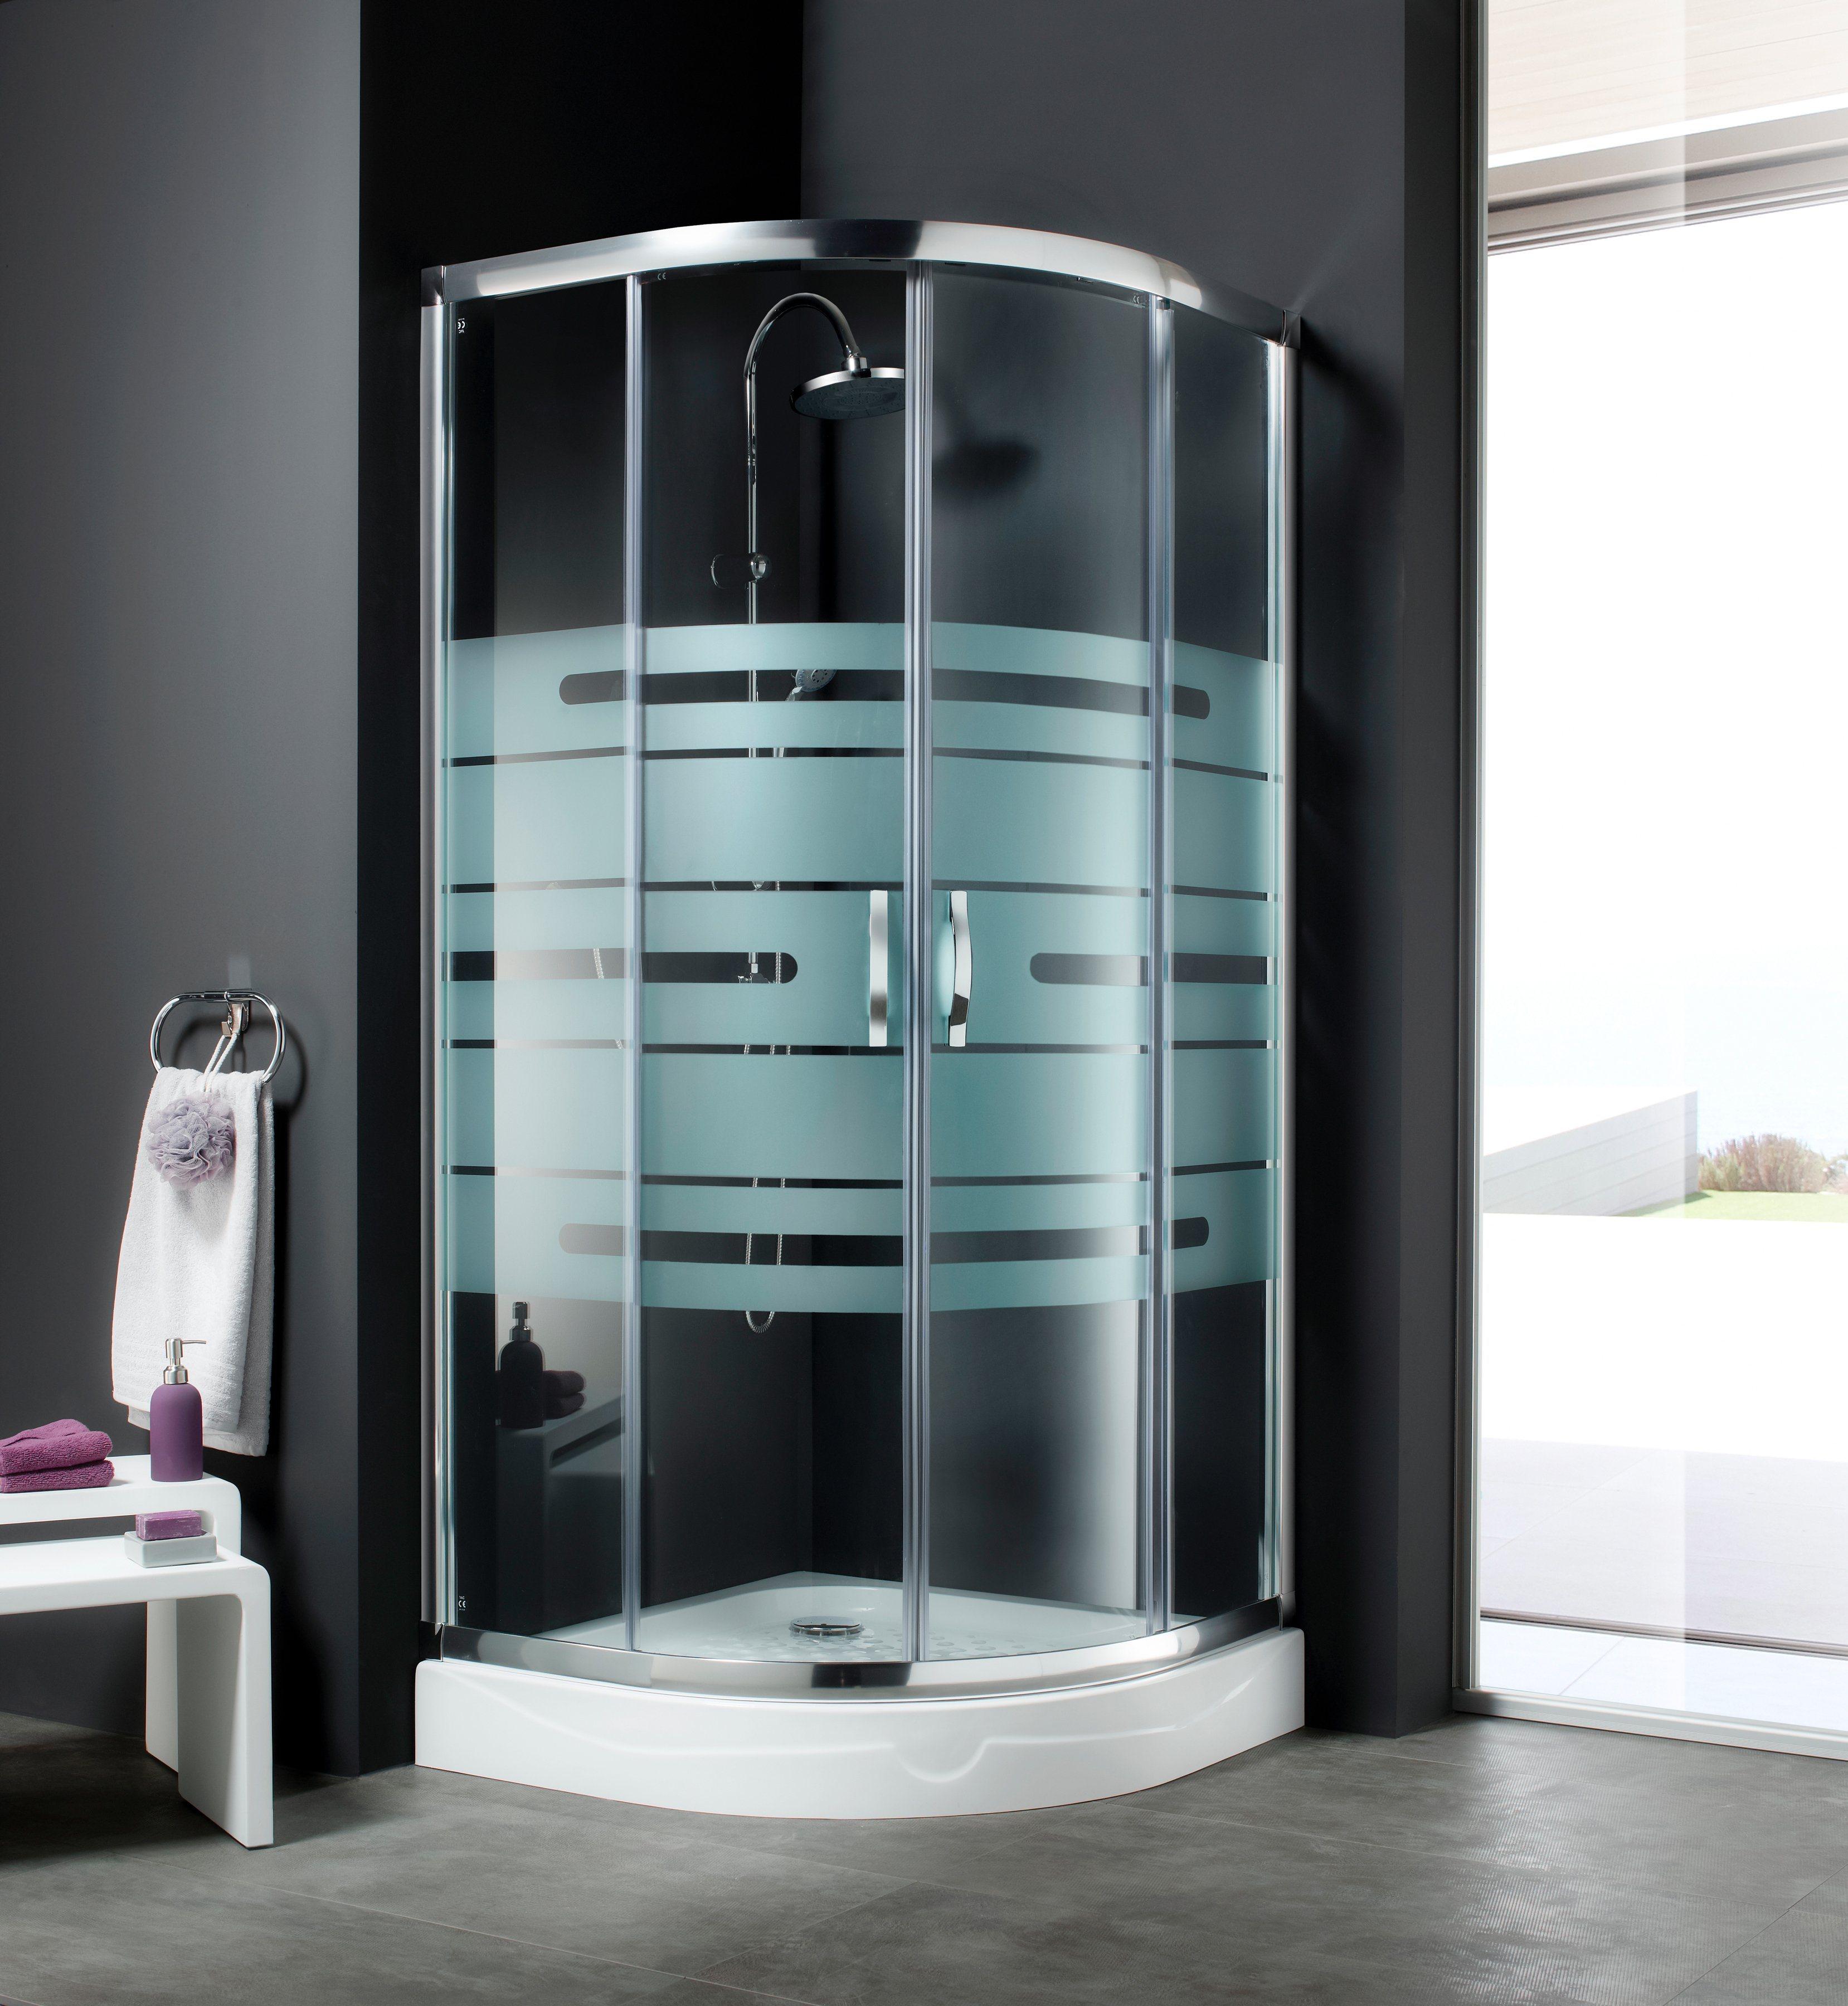 jet-line Duschen online kaufen | Möbel-Suchmaschine | ladendirekt.de